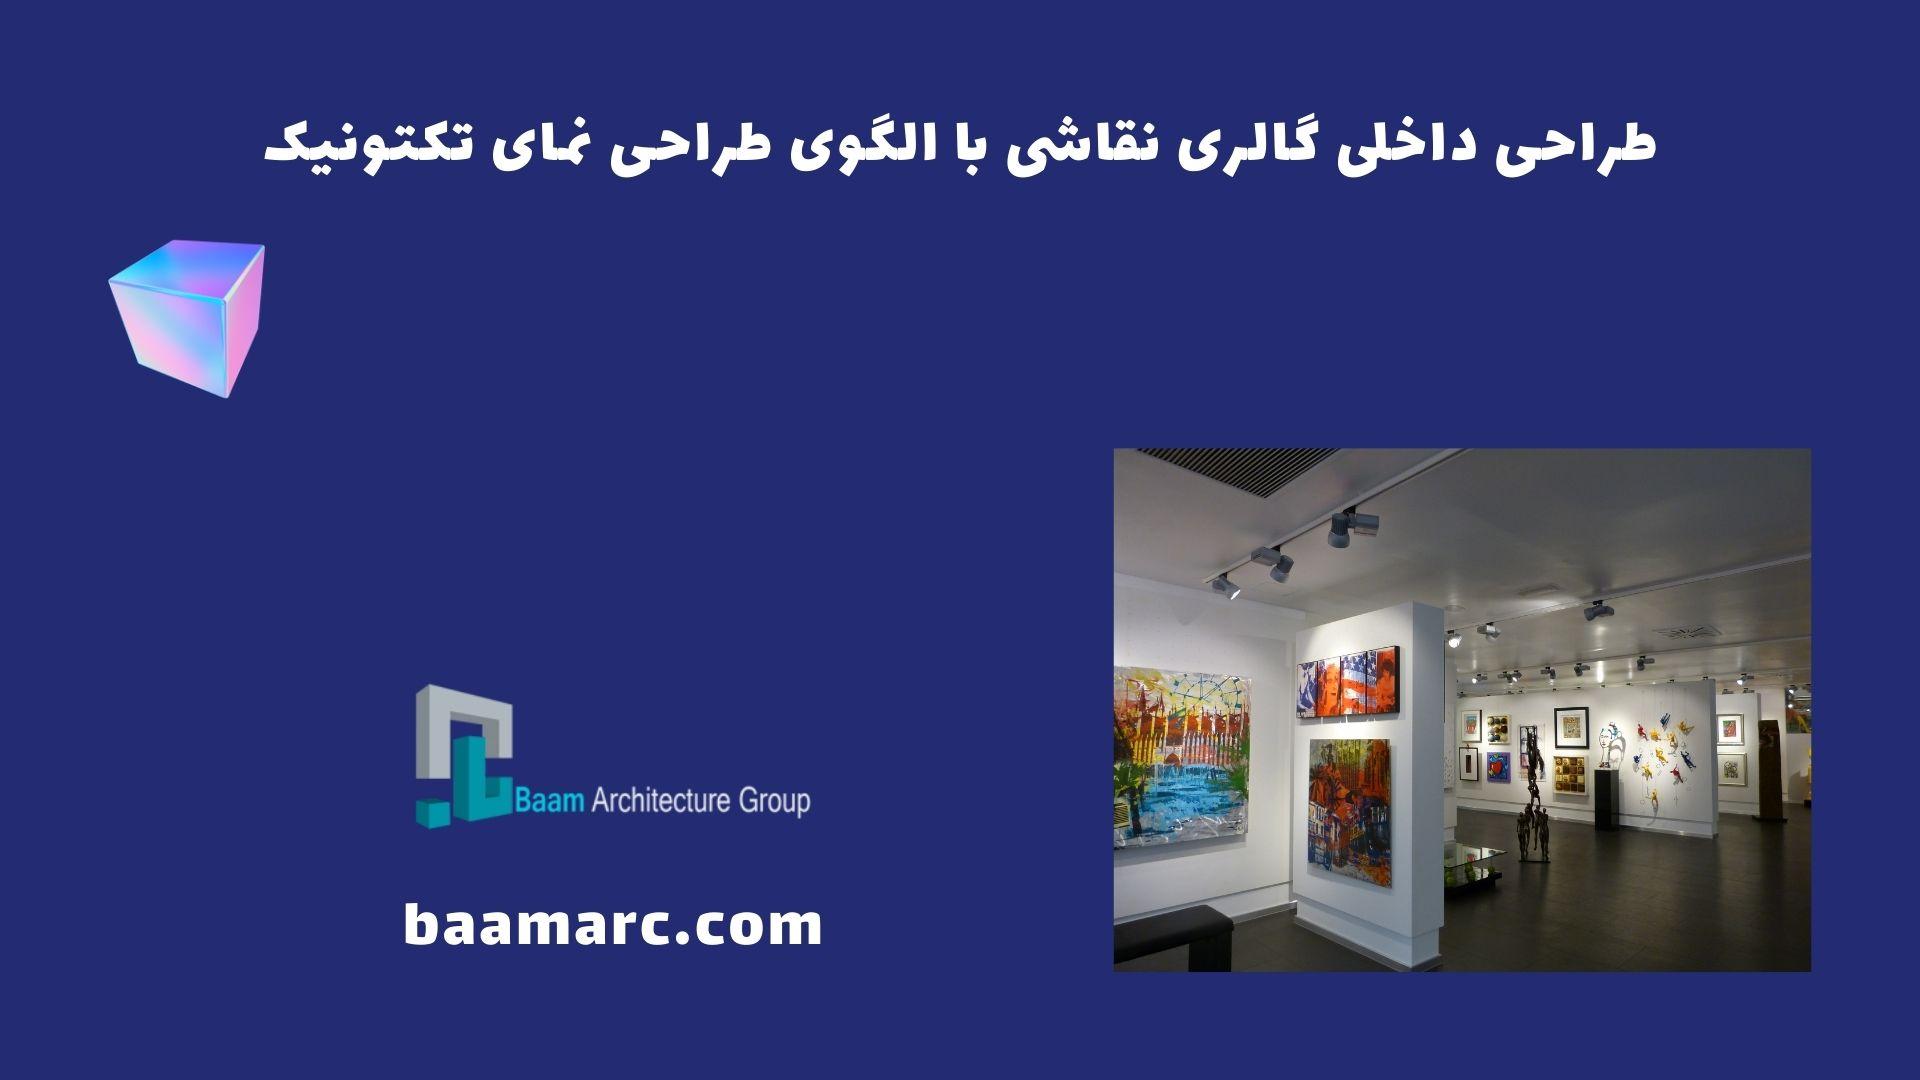 طراحی داخلی گالری نقاشی با الگوی طراحی نمای تکتونیک